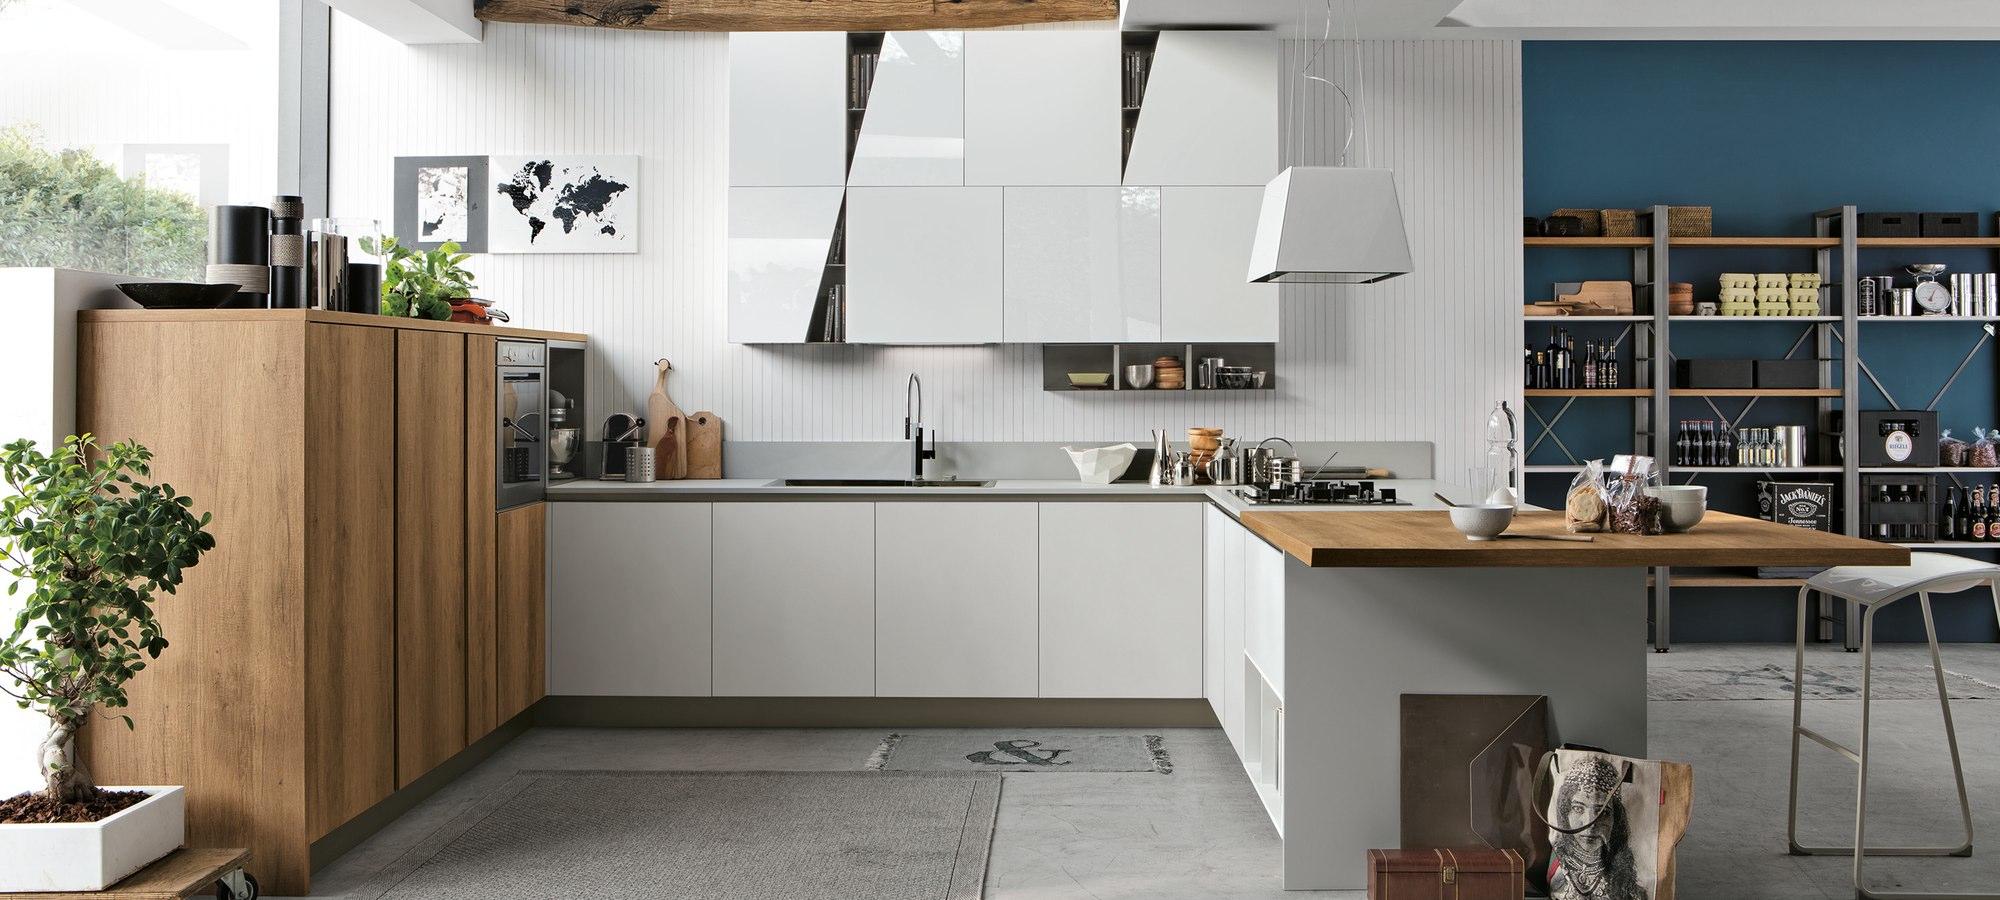 Arredamenti luzzi cucine camere da letto bagni rieti for Minuti arredamenti